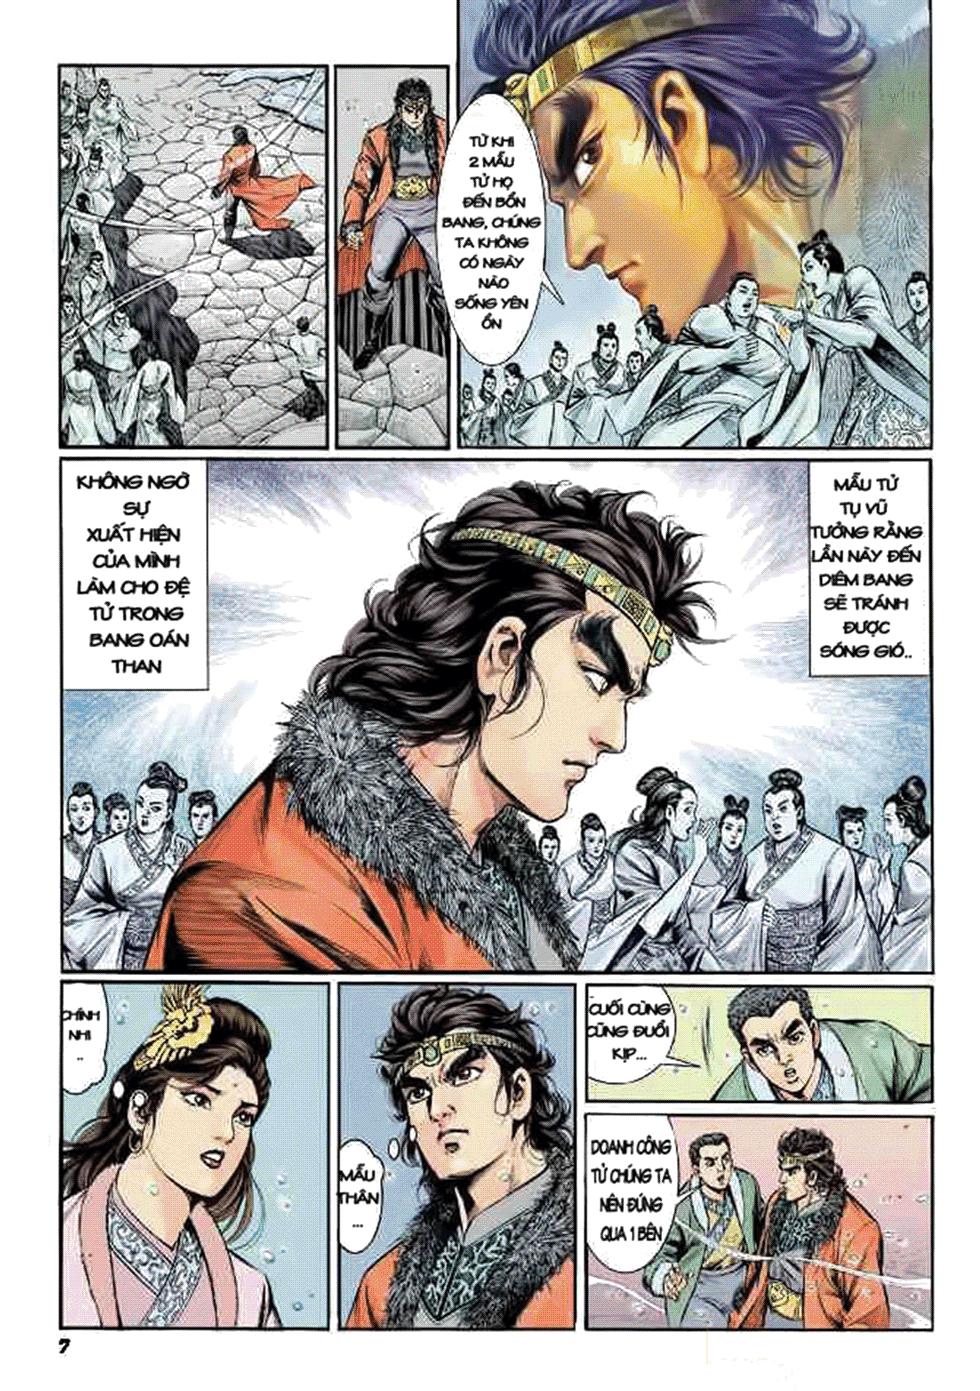 Tần Vương Doanh Chính chapter 8 trang 8